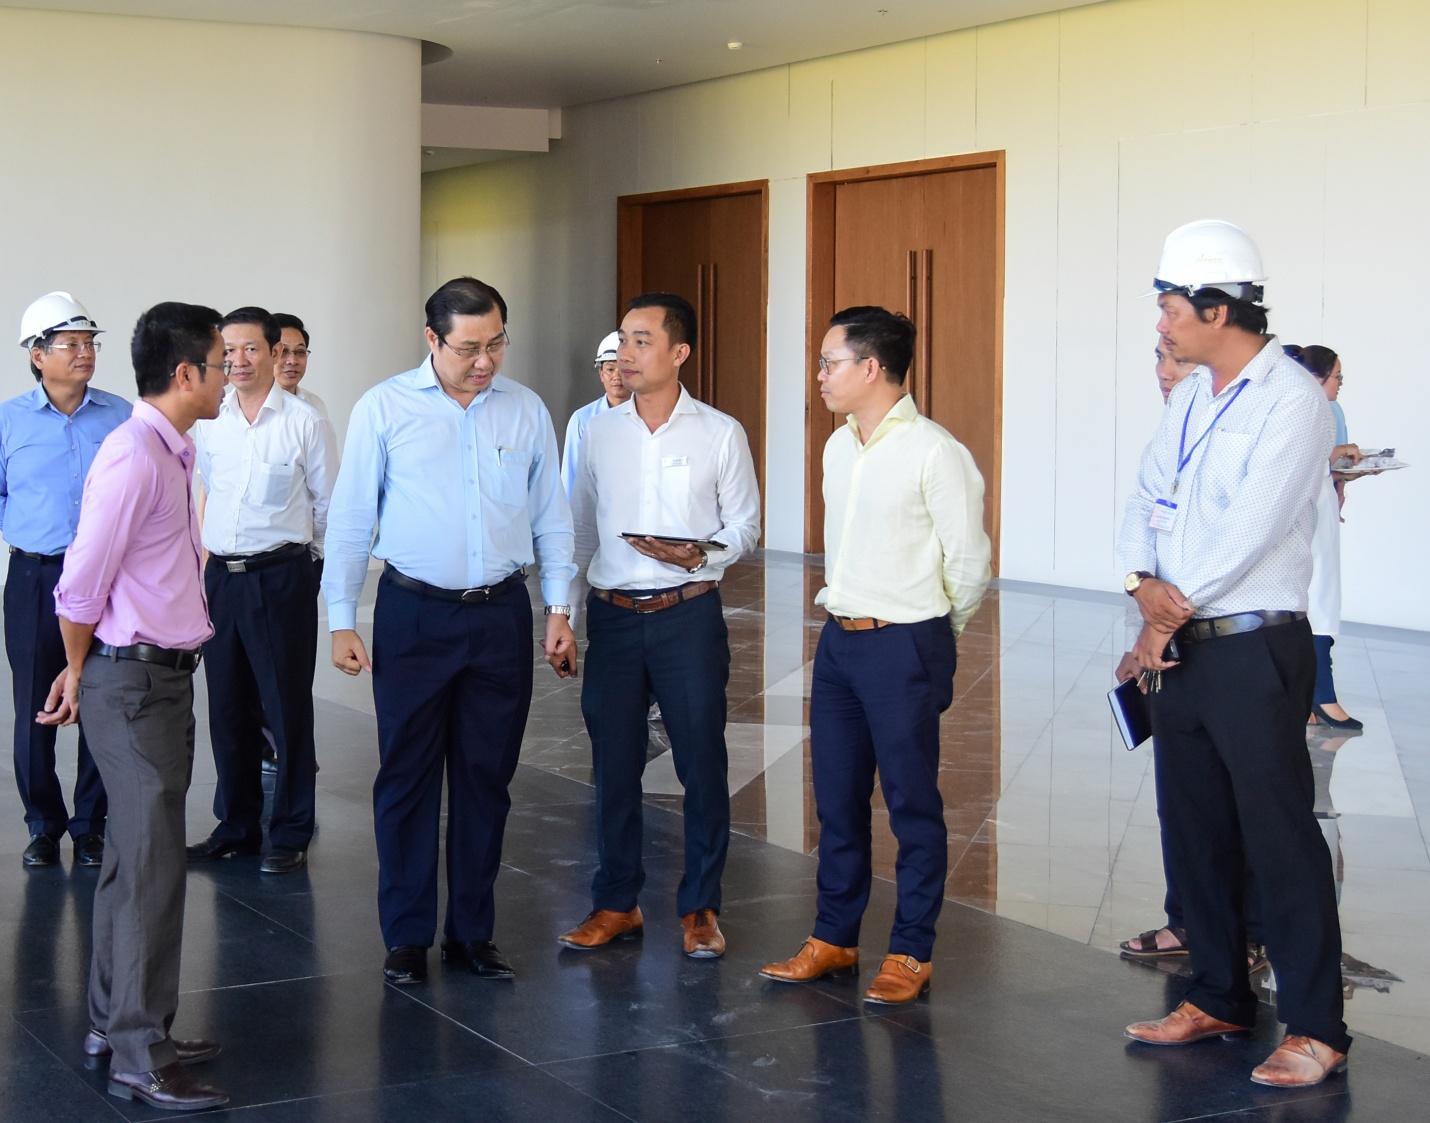 Trung tâm Hội nghị Ariyana: Nóng từng ngày cùng APEC 2017 - Ảnh 2.